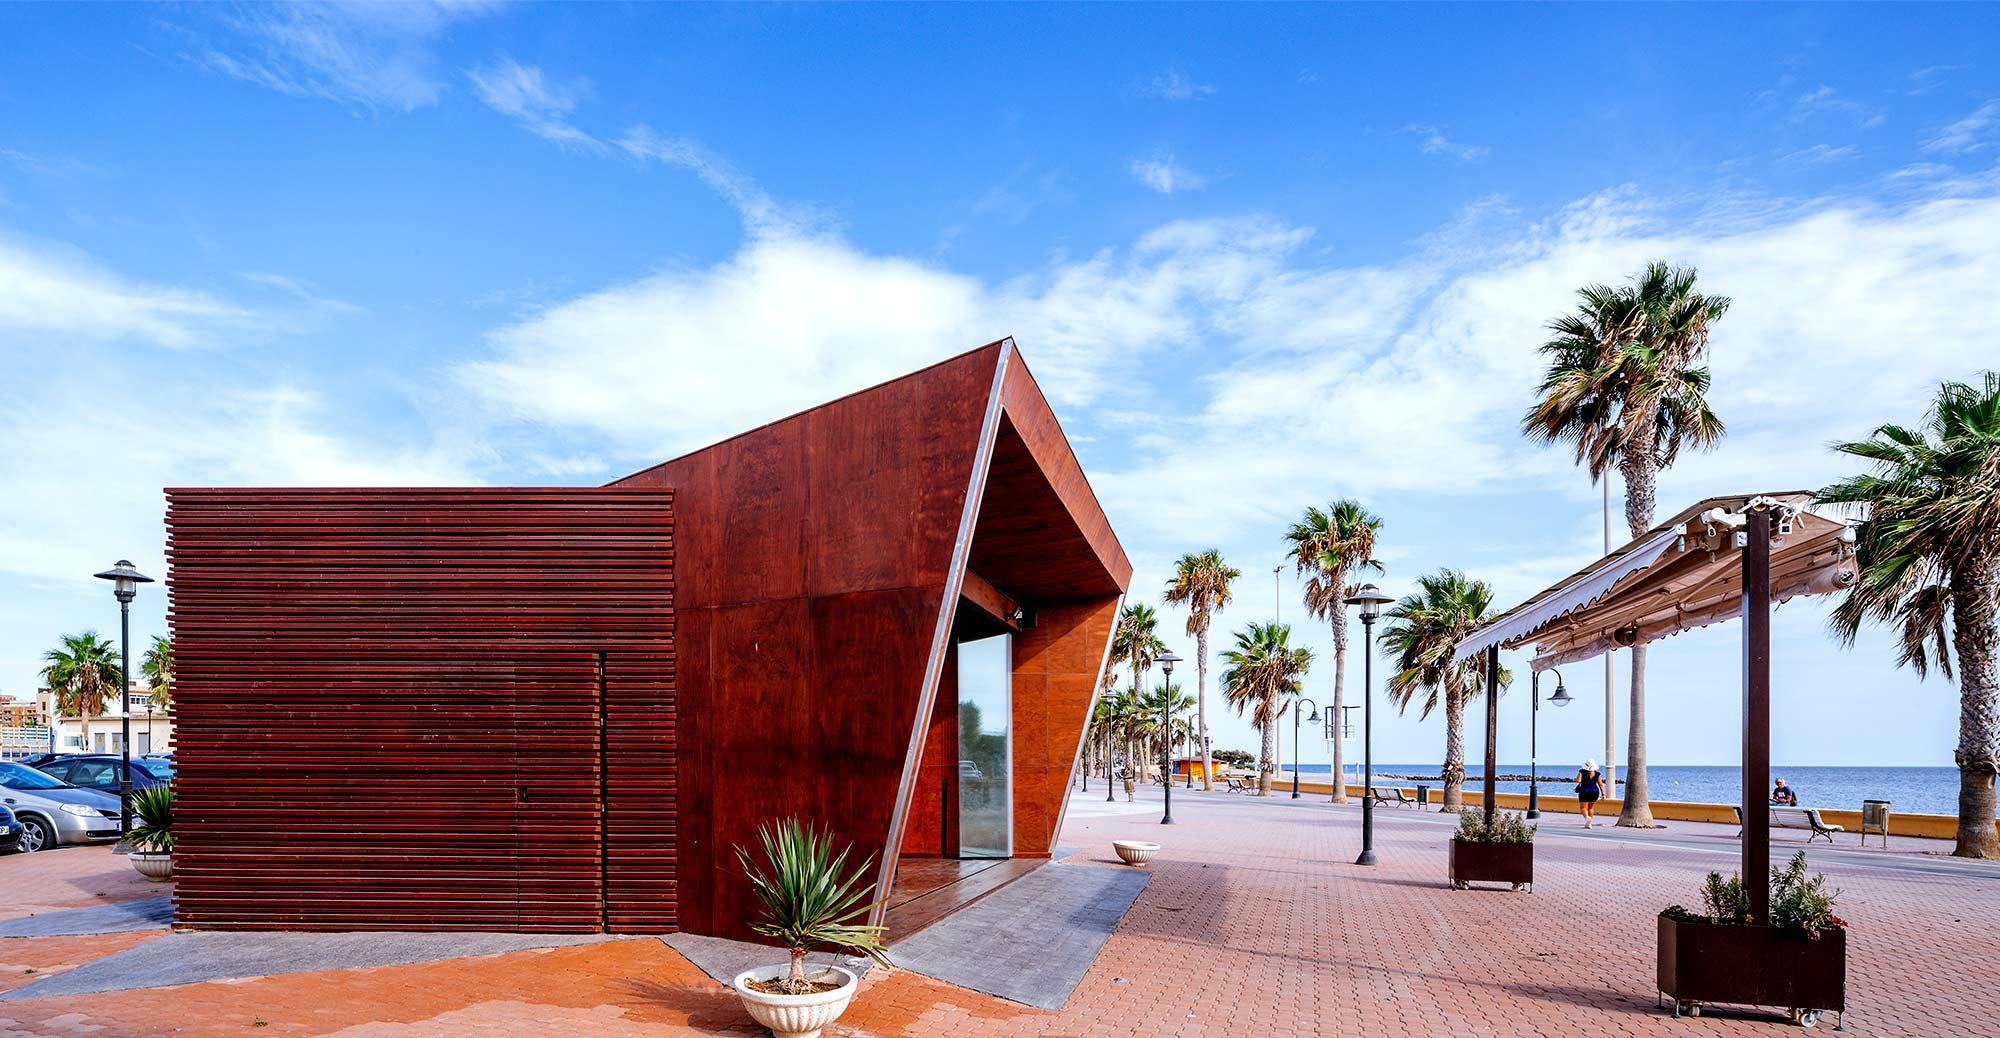 Xiringoscopio_-Adra_-Arquitectura-_-EXarchitects_04